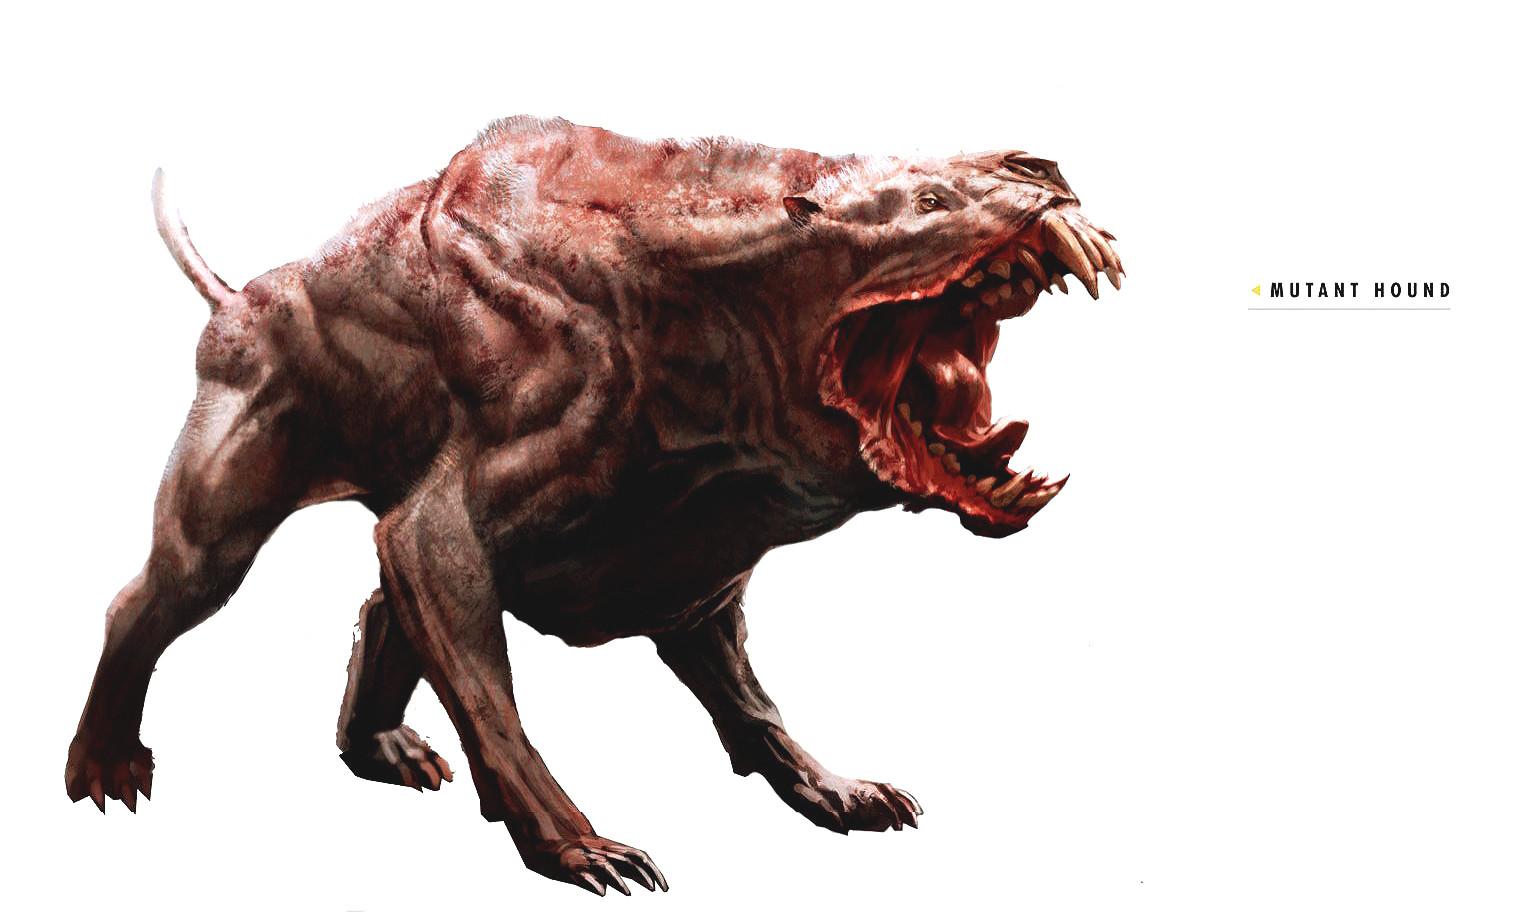 Ray lederer art of fo4 mutant hound